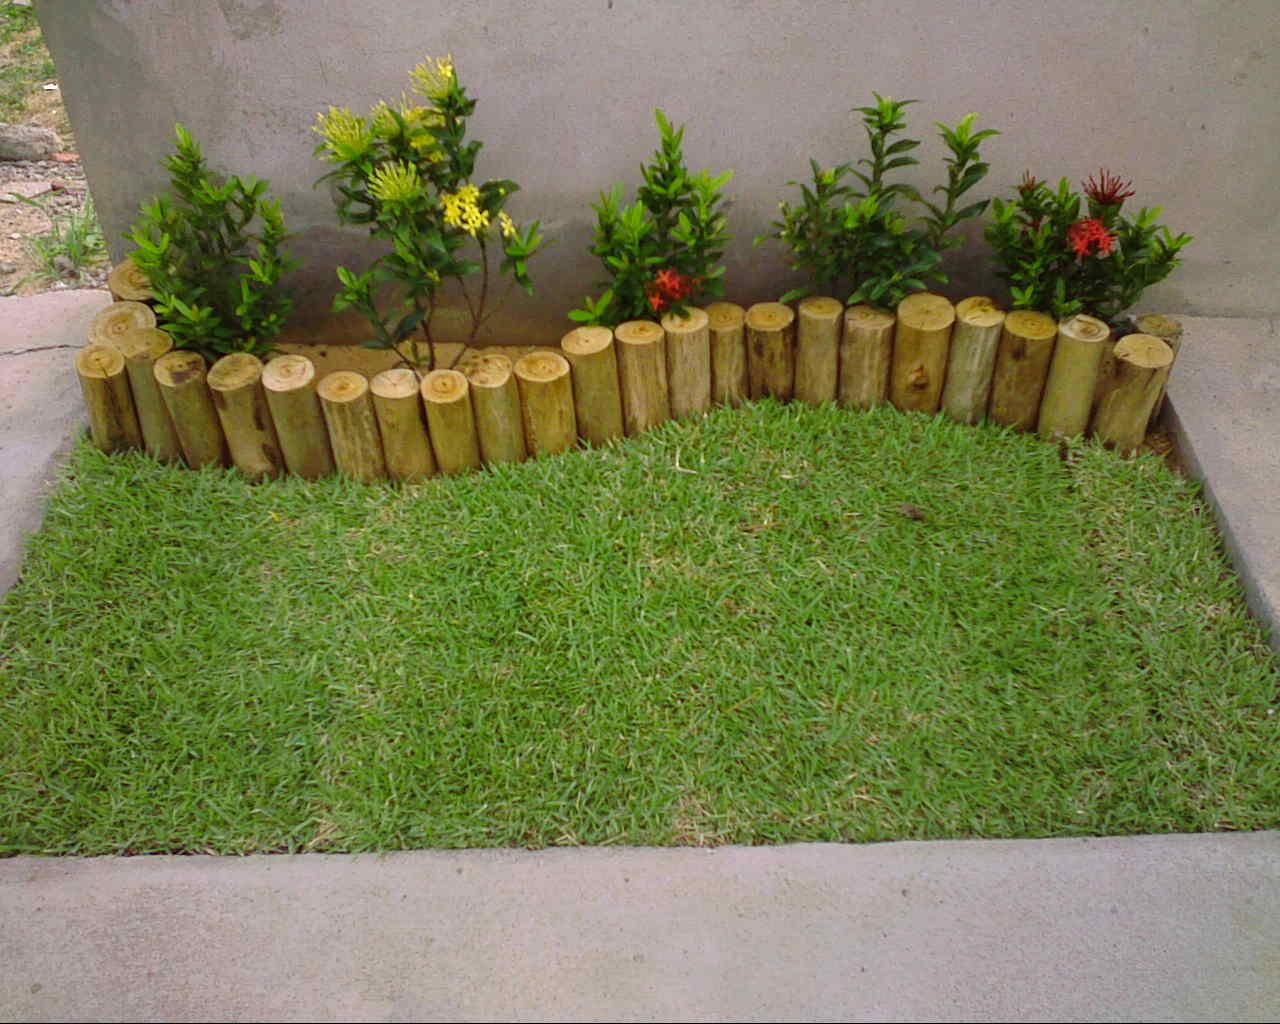 fotos jardim paisagismo:Mil-Cores Paisagismo: Jardins em pequenos espaços